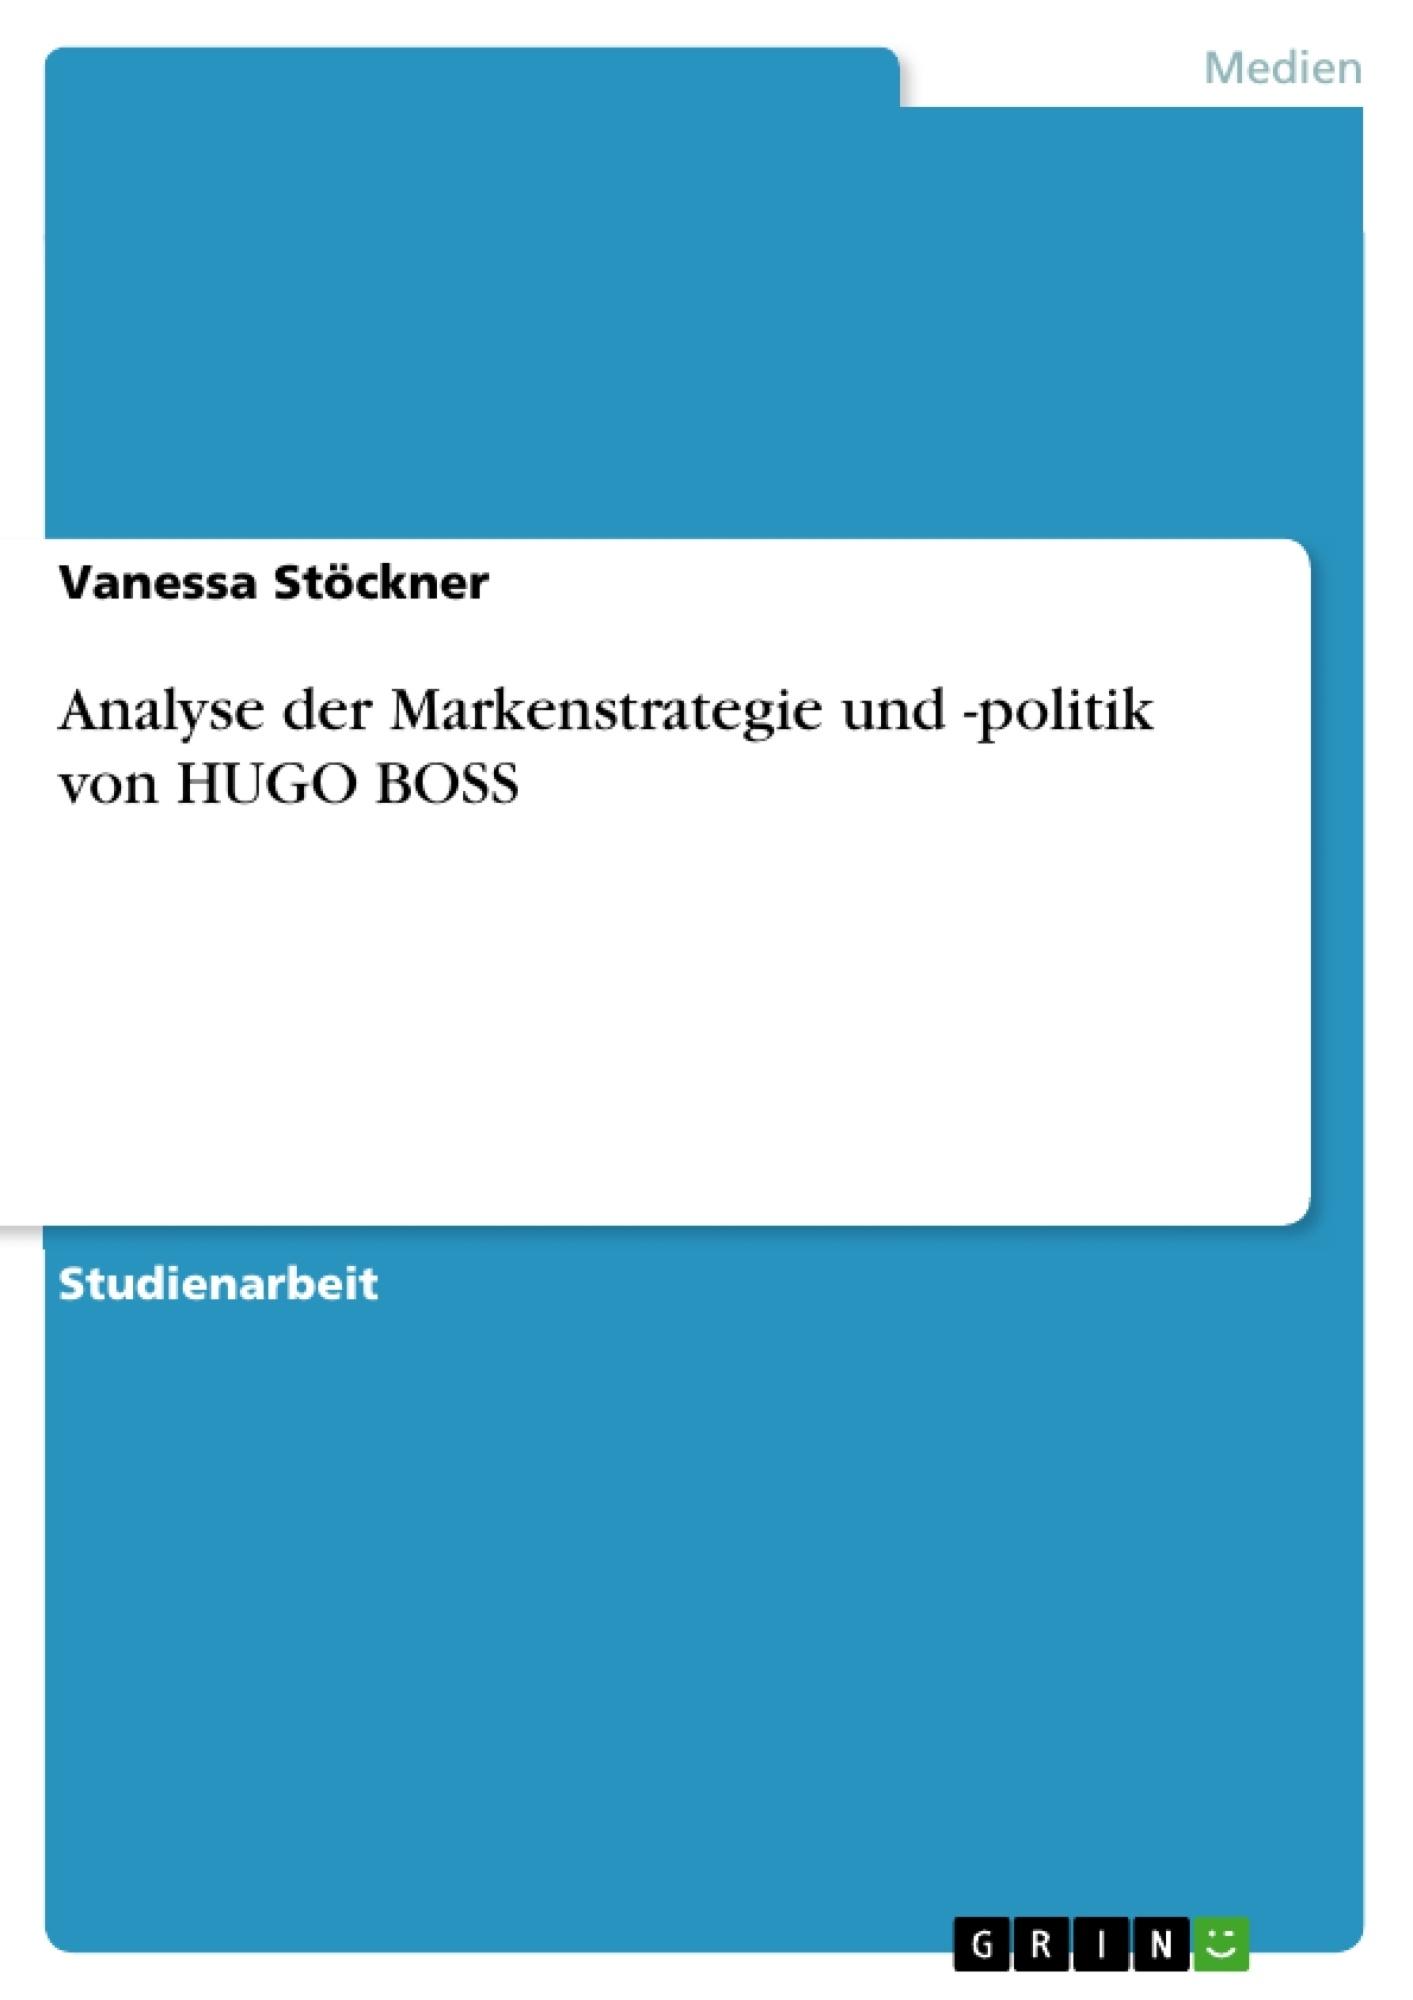 Titel: Analyse der Markenstrategie und -politik  von HUGO BOSS